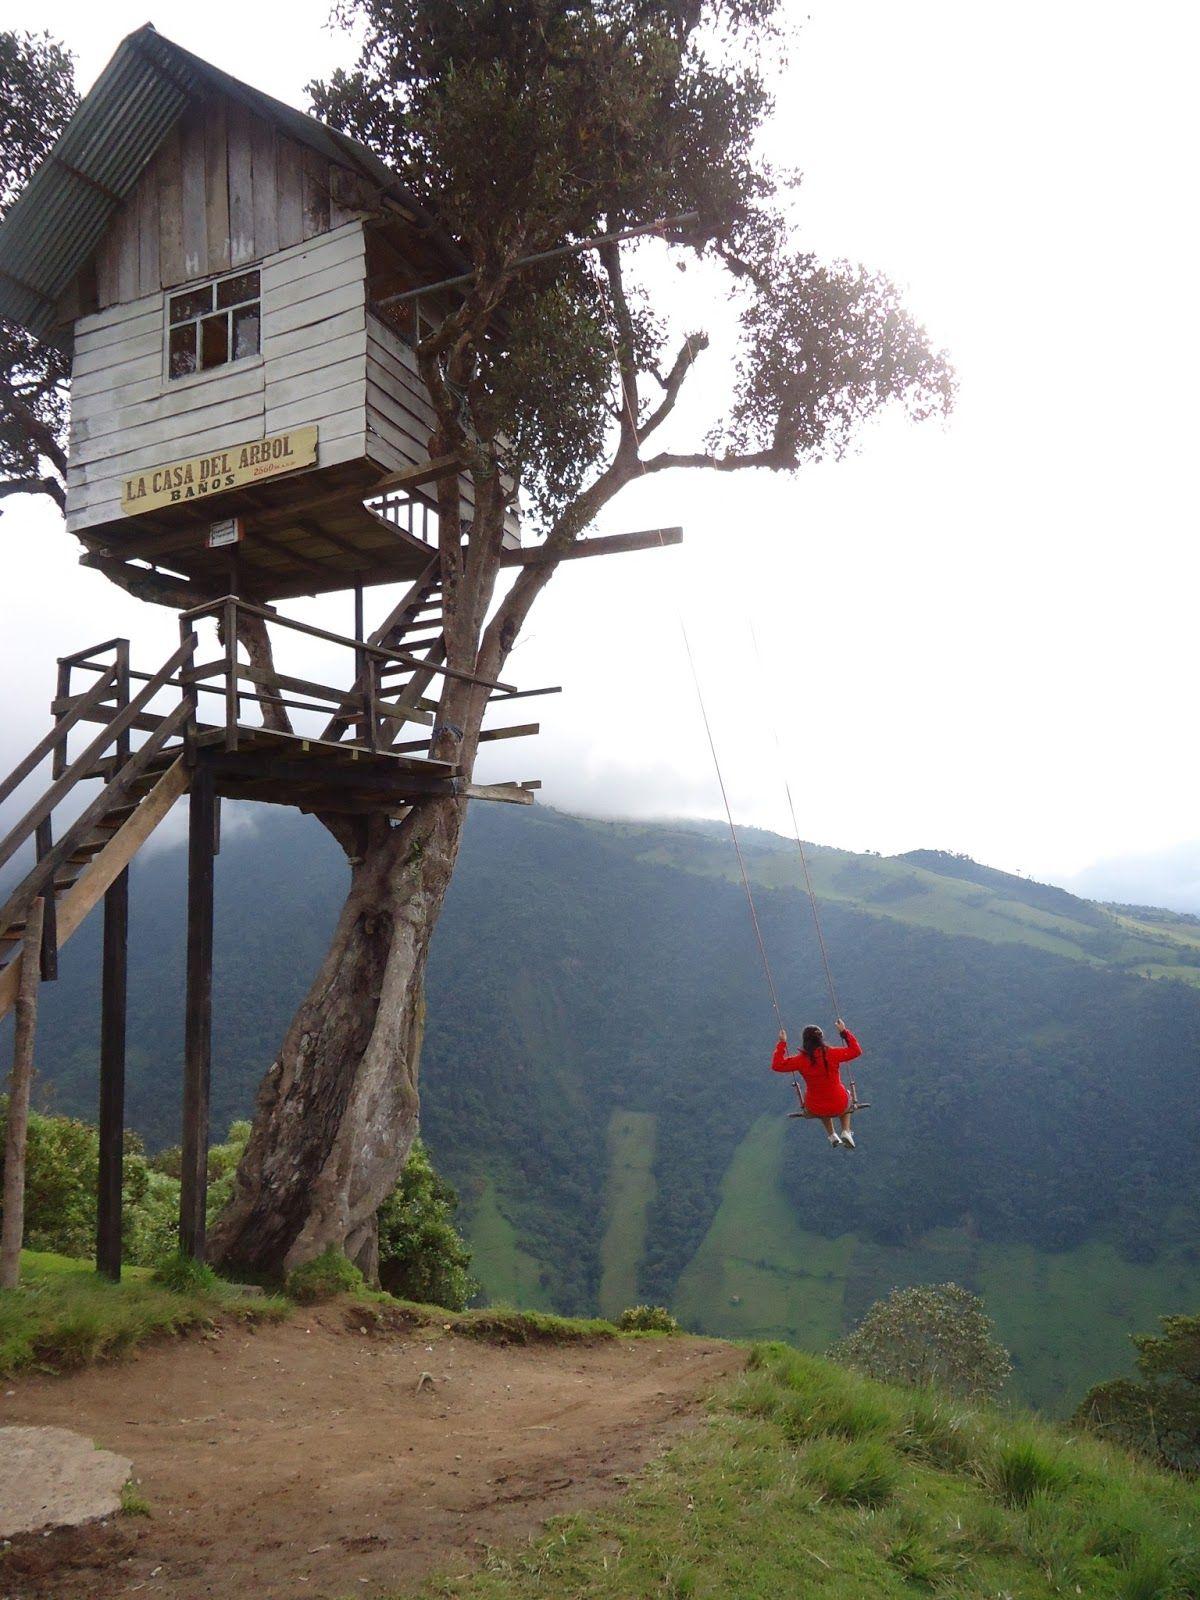 La Casa Del Arbol Baos Tungurahua Ecuador